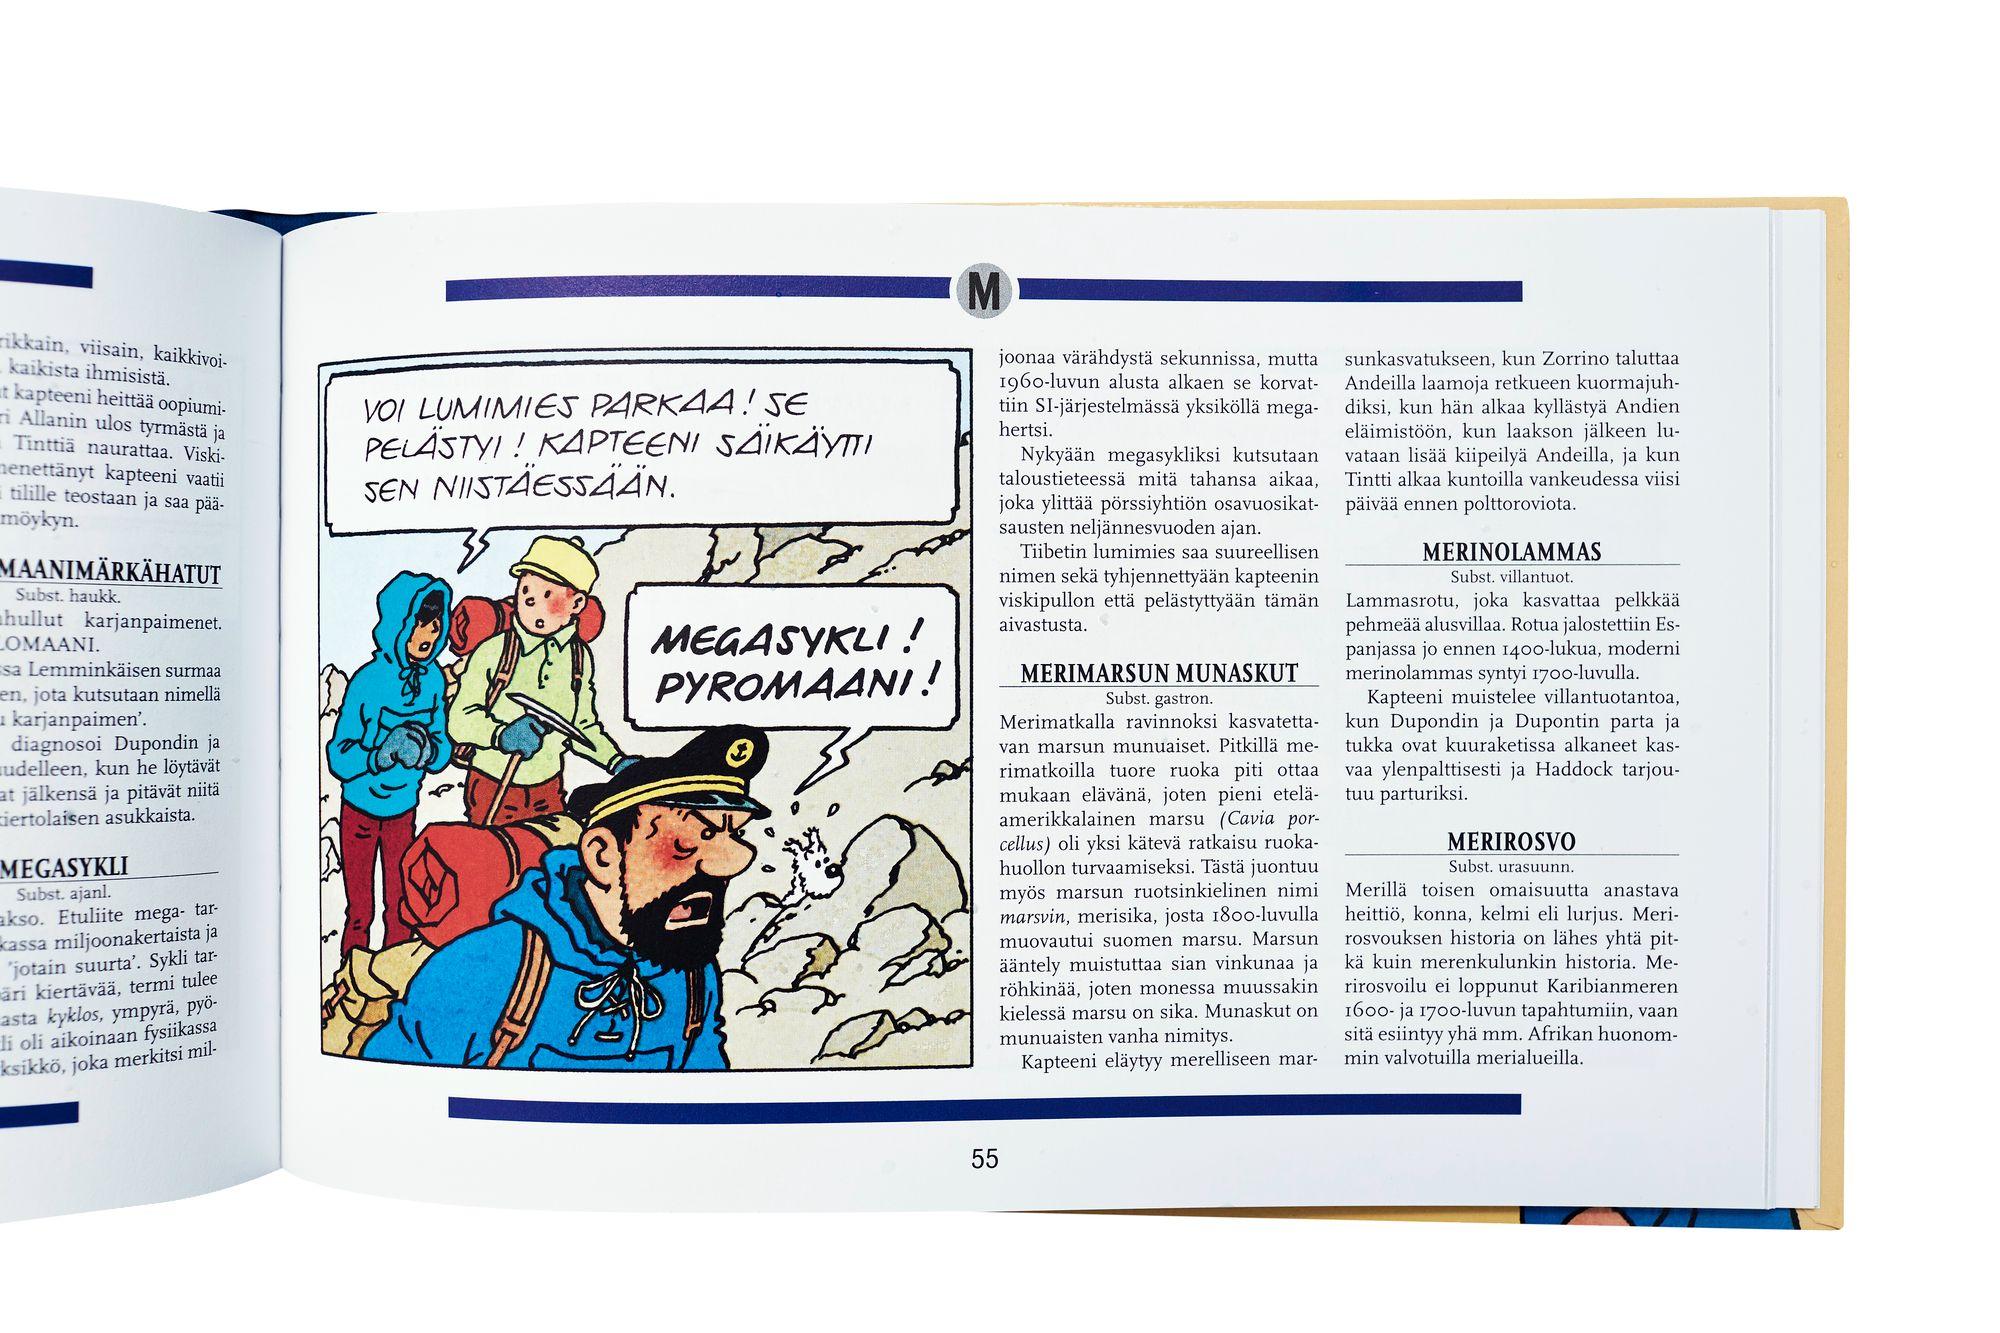 Heikuran kirjassa avataan kapteeni Haddockin sadattelujen ja parjausten taustoja. © Sara Pihlaja